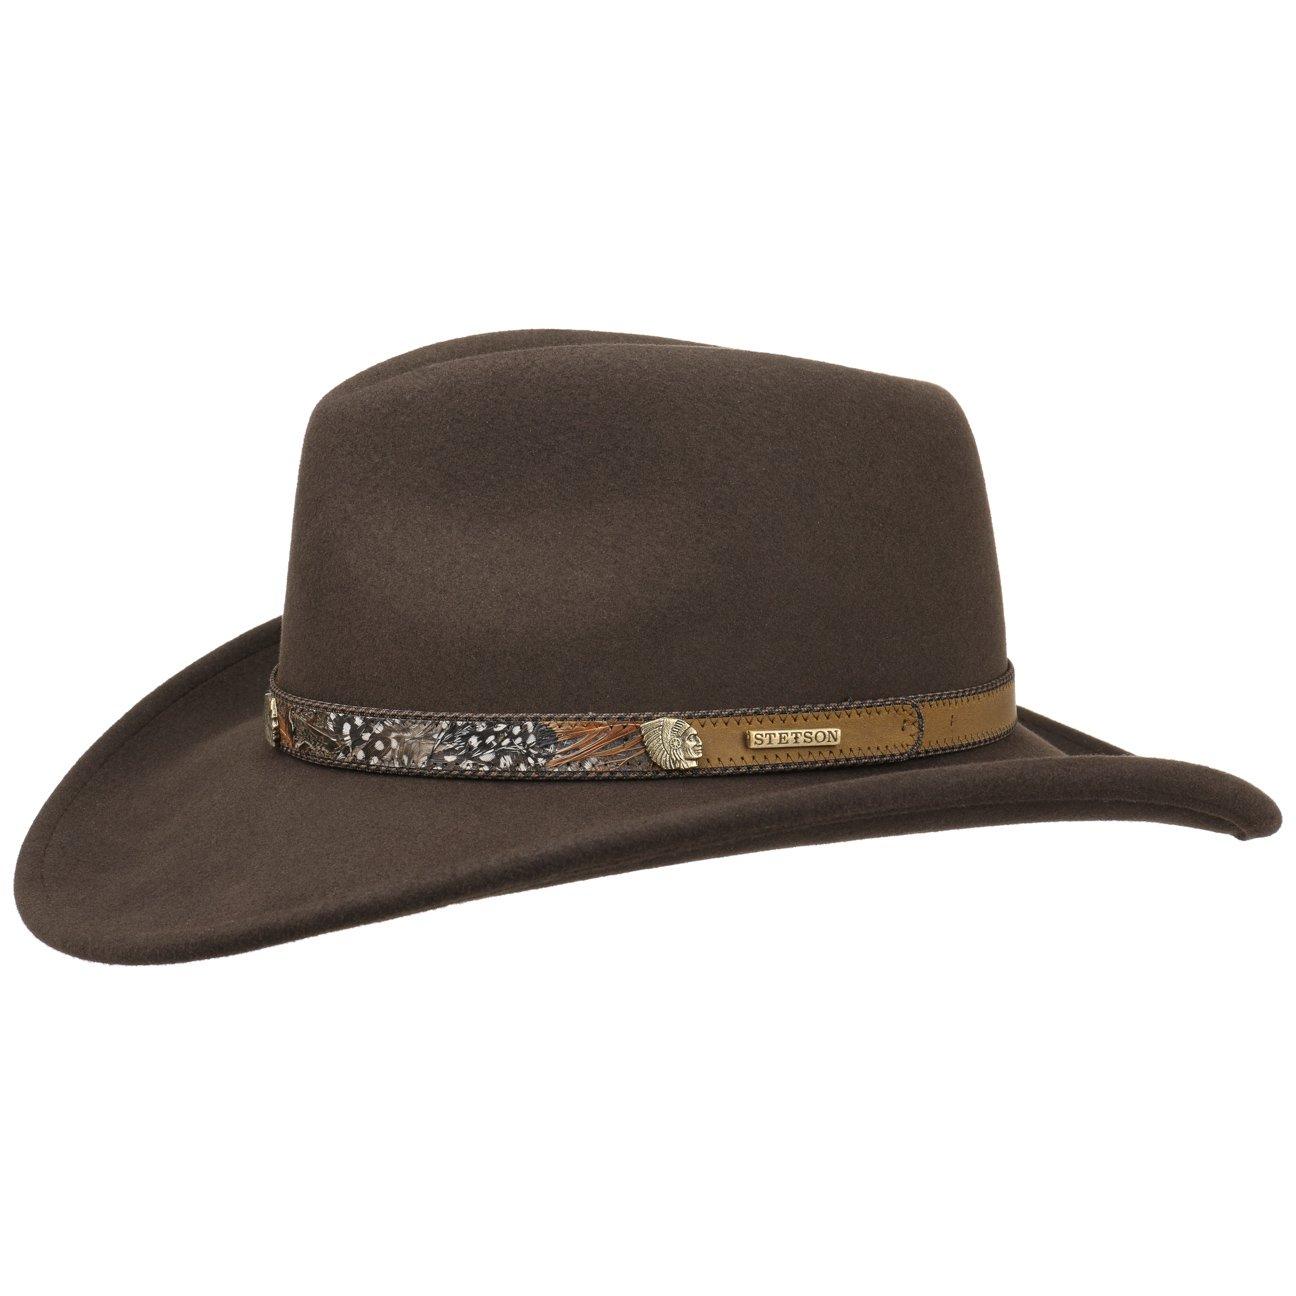 90e479f2507 Stetson Feather Trim VitaFelt Hat Felt hat Wool Felt hat (S (54-55 cm) -  Brown)  Amazon.co.uk  Clothing